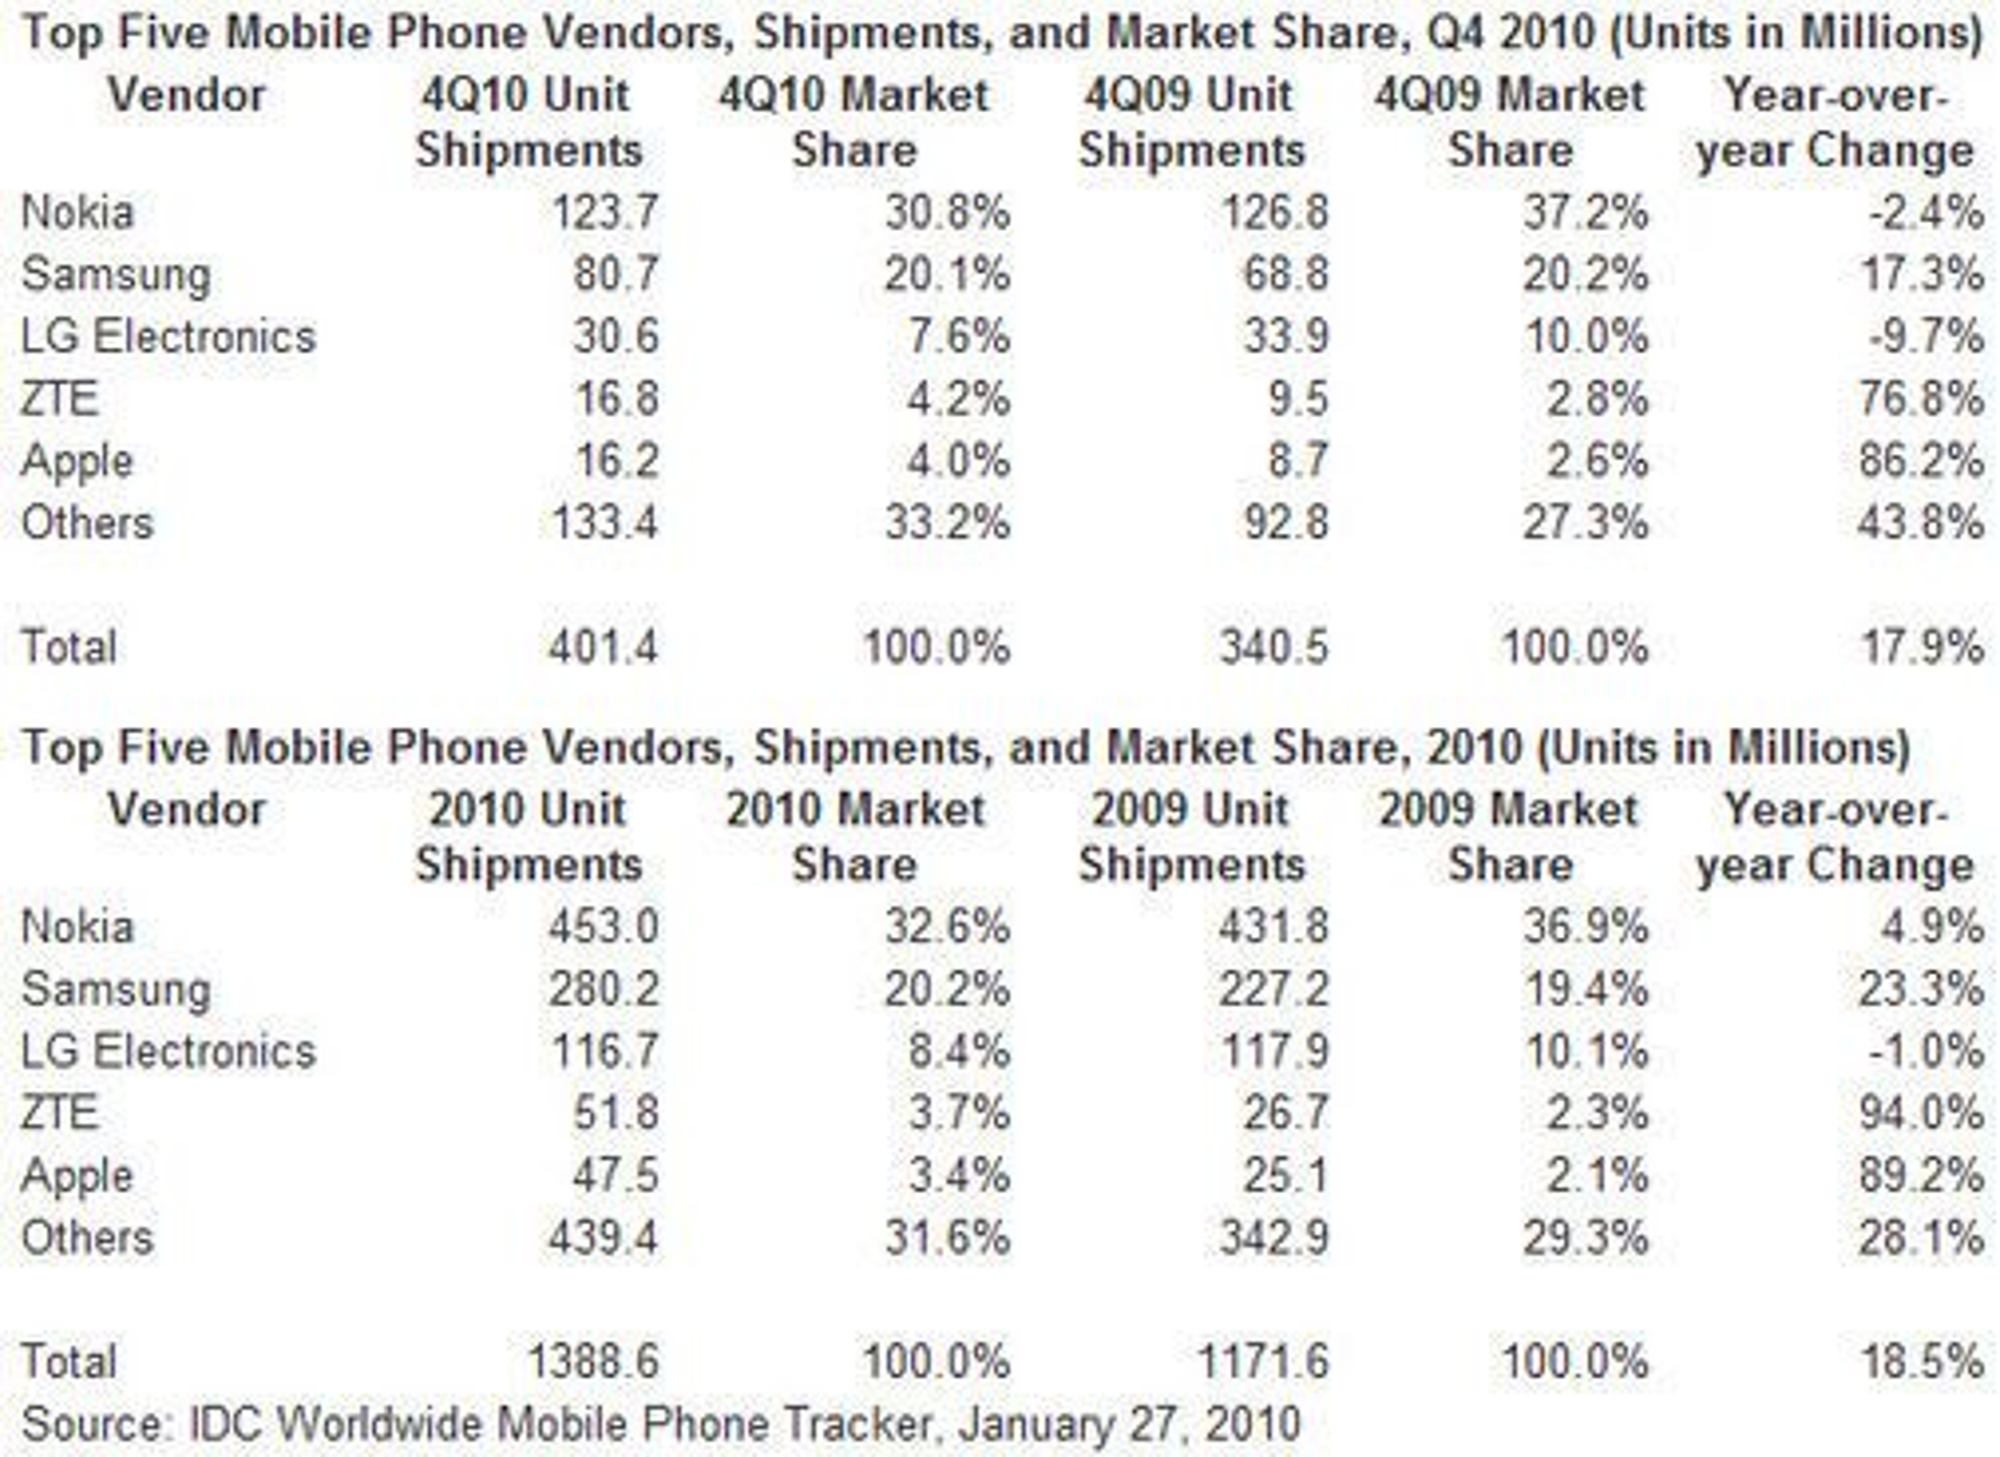 Salget av mobiler i fjerde kvartal 2010 (øverst) og hele 2010 (nederst) ifølge analyseselskapet IDC. Tallene inkluderer kun salg av mobiler med selskapenes egne varemerker.